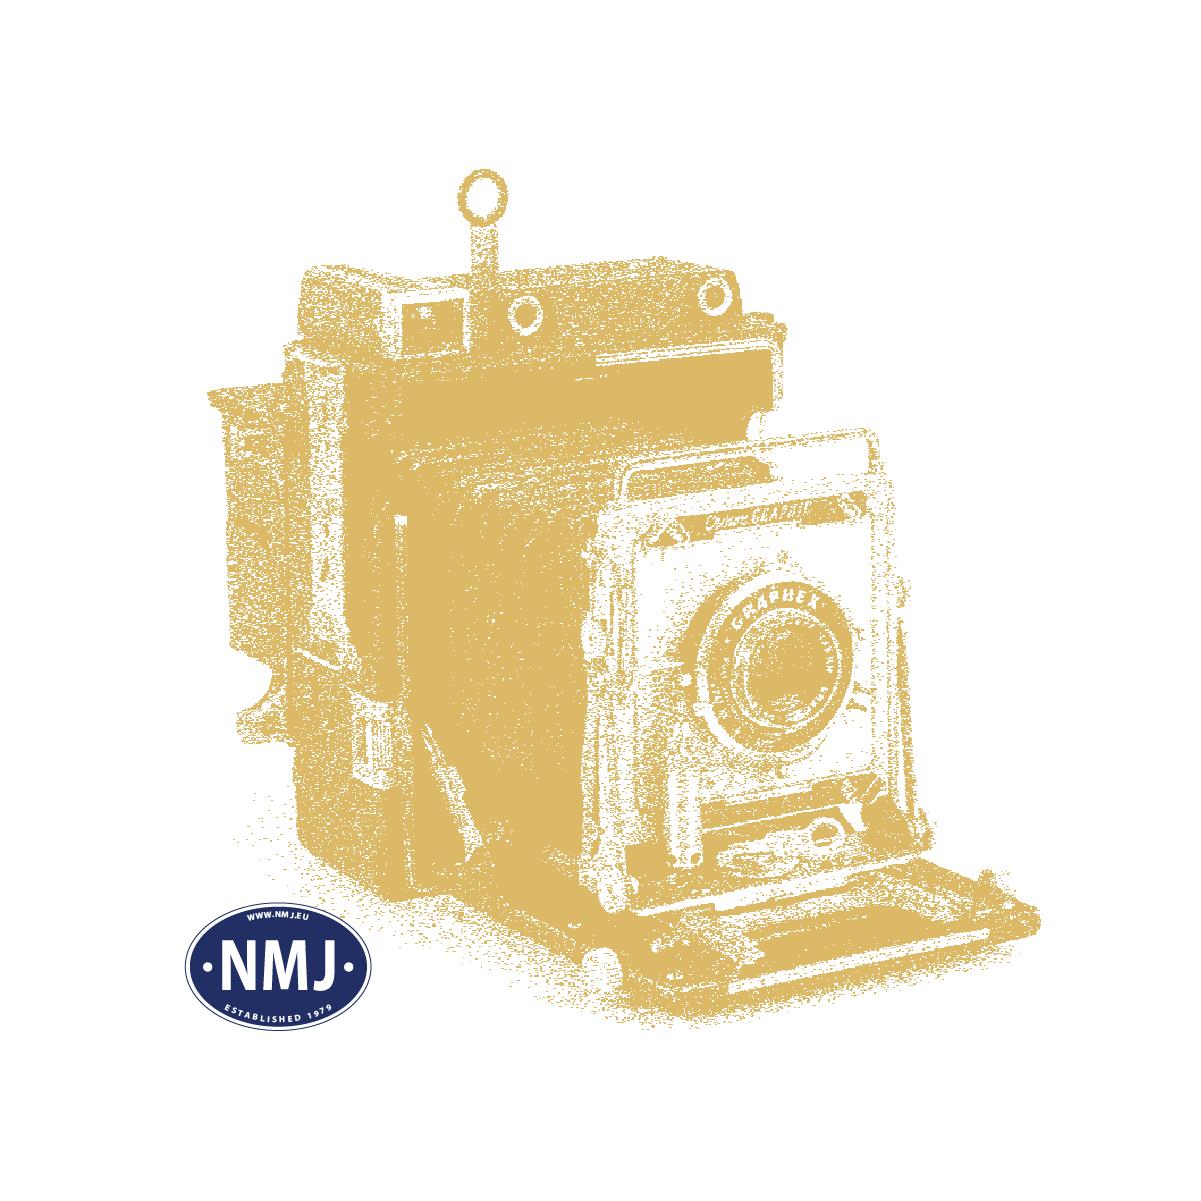 NMJT507.113-1 - NMJ Topline CargoNet Lgns 42 76 443 2053-8, Bring